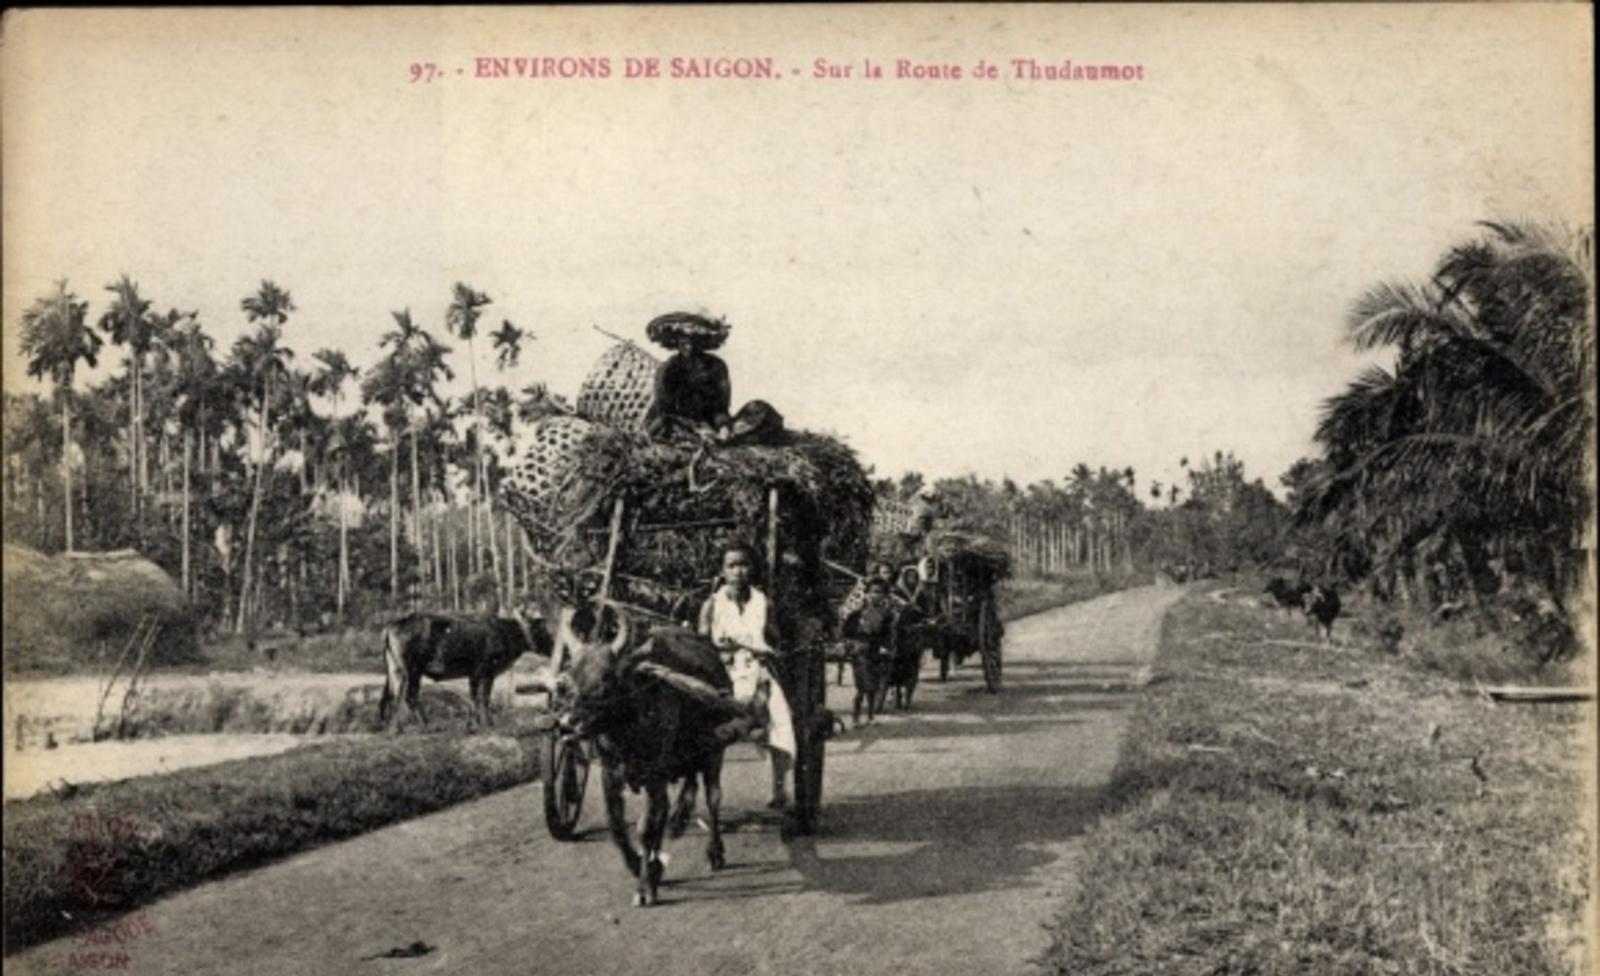 Hô Chi Minh-Ville -  Cp Saigon Cochinchine Vietnam, Environs de Saigon, Sur la Route de Thudaumos